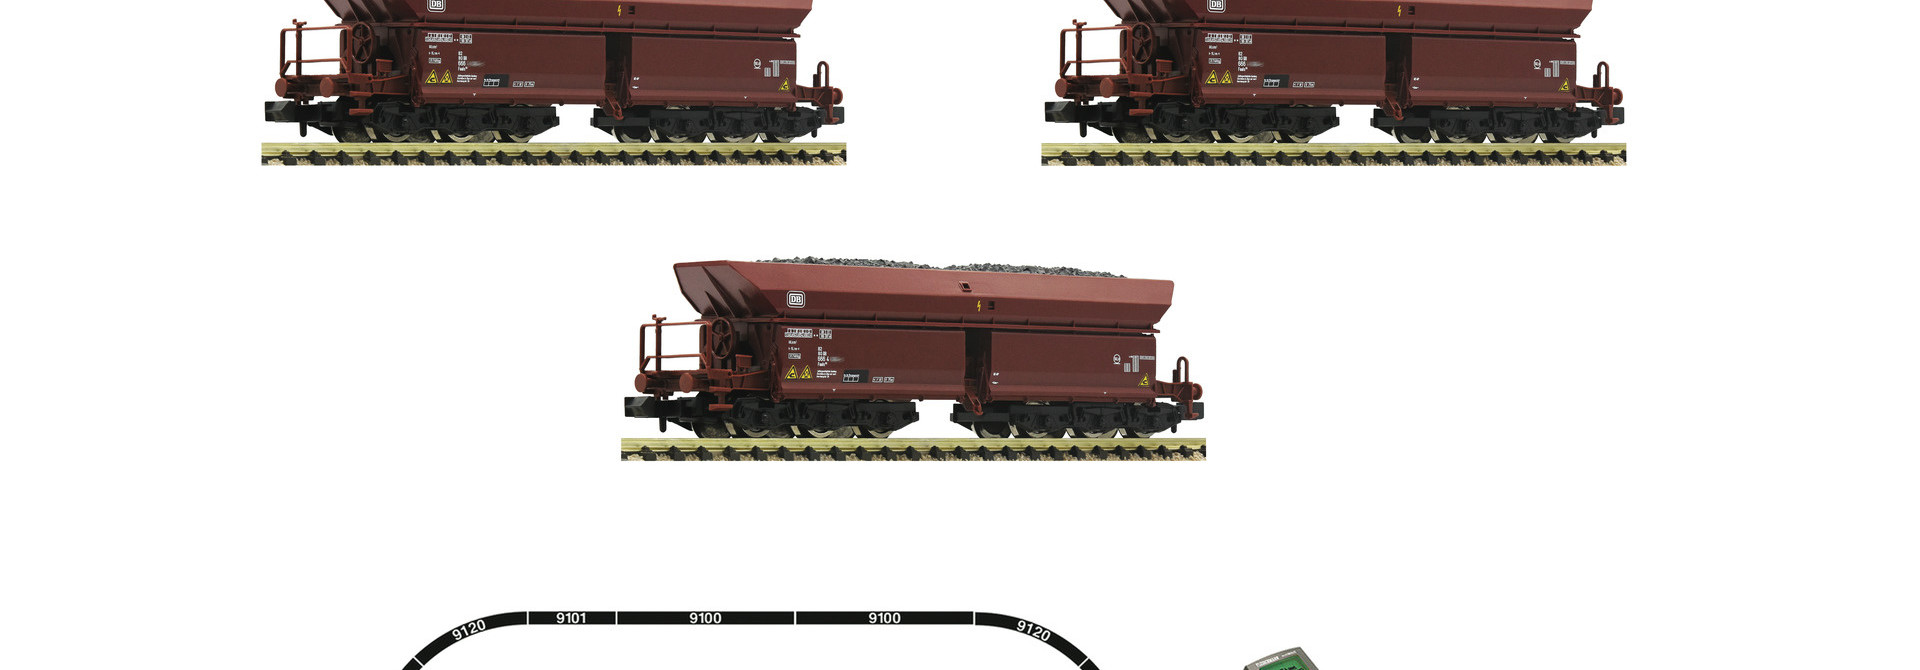 931896 z21 Set E-Lok BR 151 + Gz